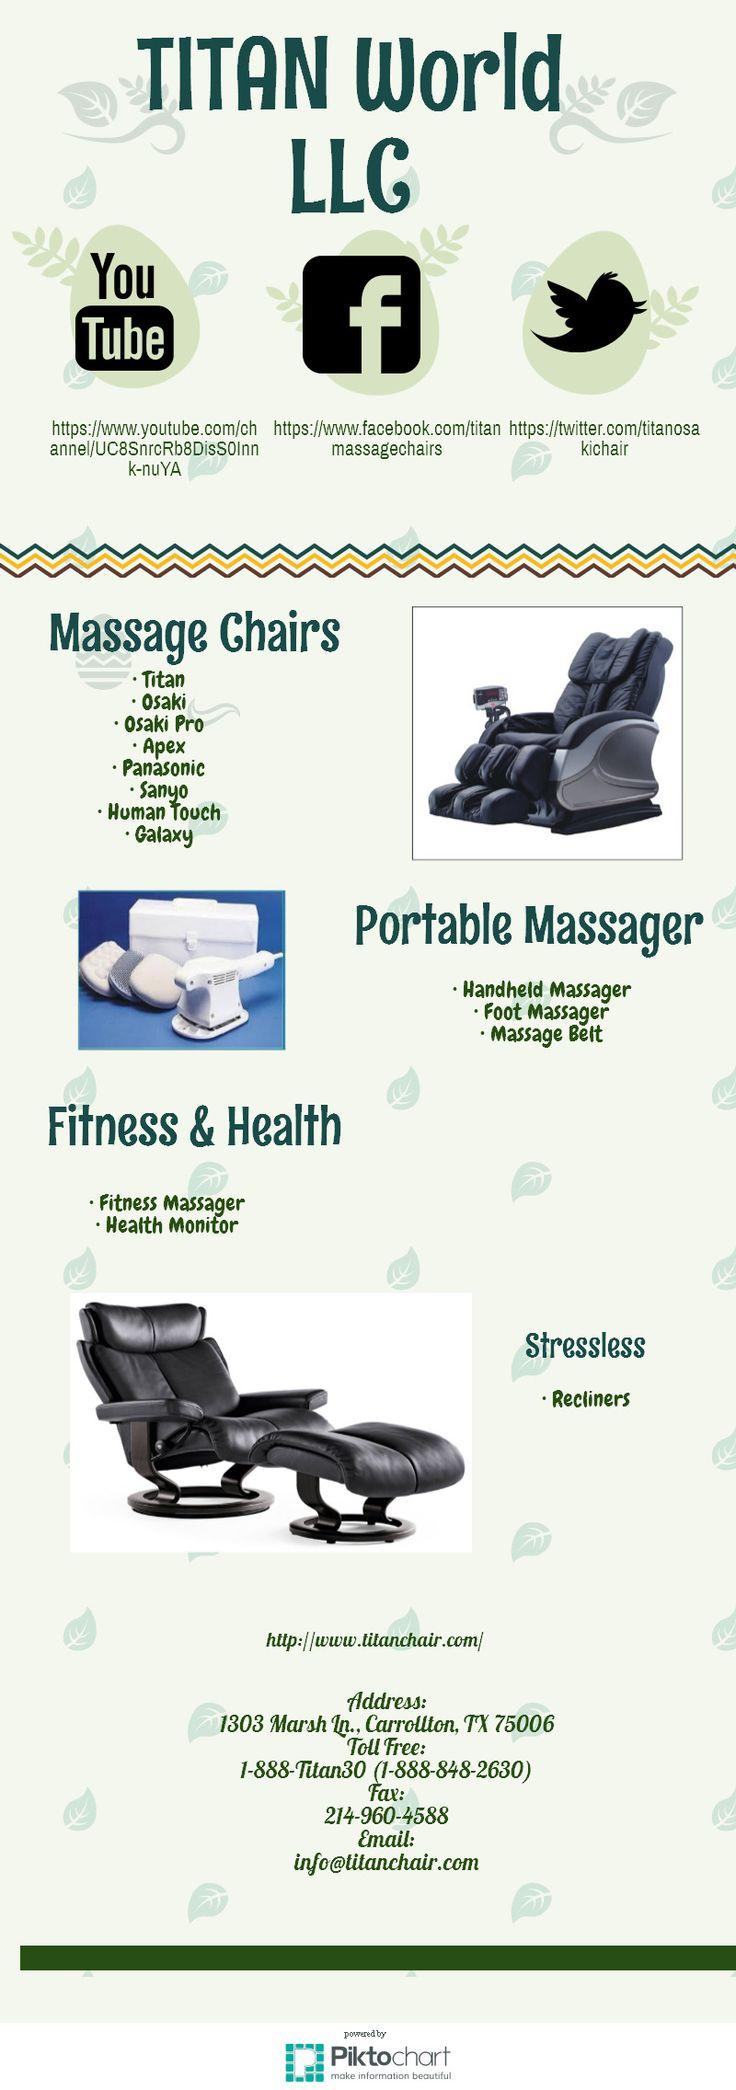 :- http://goo.gl/4ziyyp  #Back_Massager_Chair #Massage_Chairs #Panasonic_Chair_Massage #Recliners_Massage_Chairs #Titan_Massage_Chairs